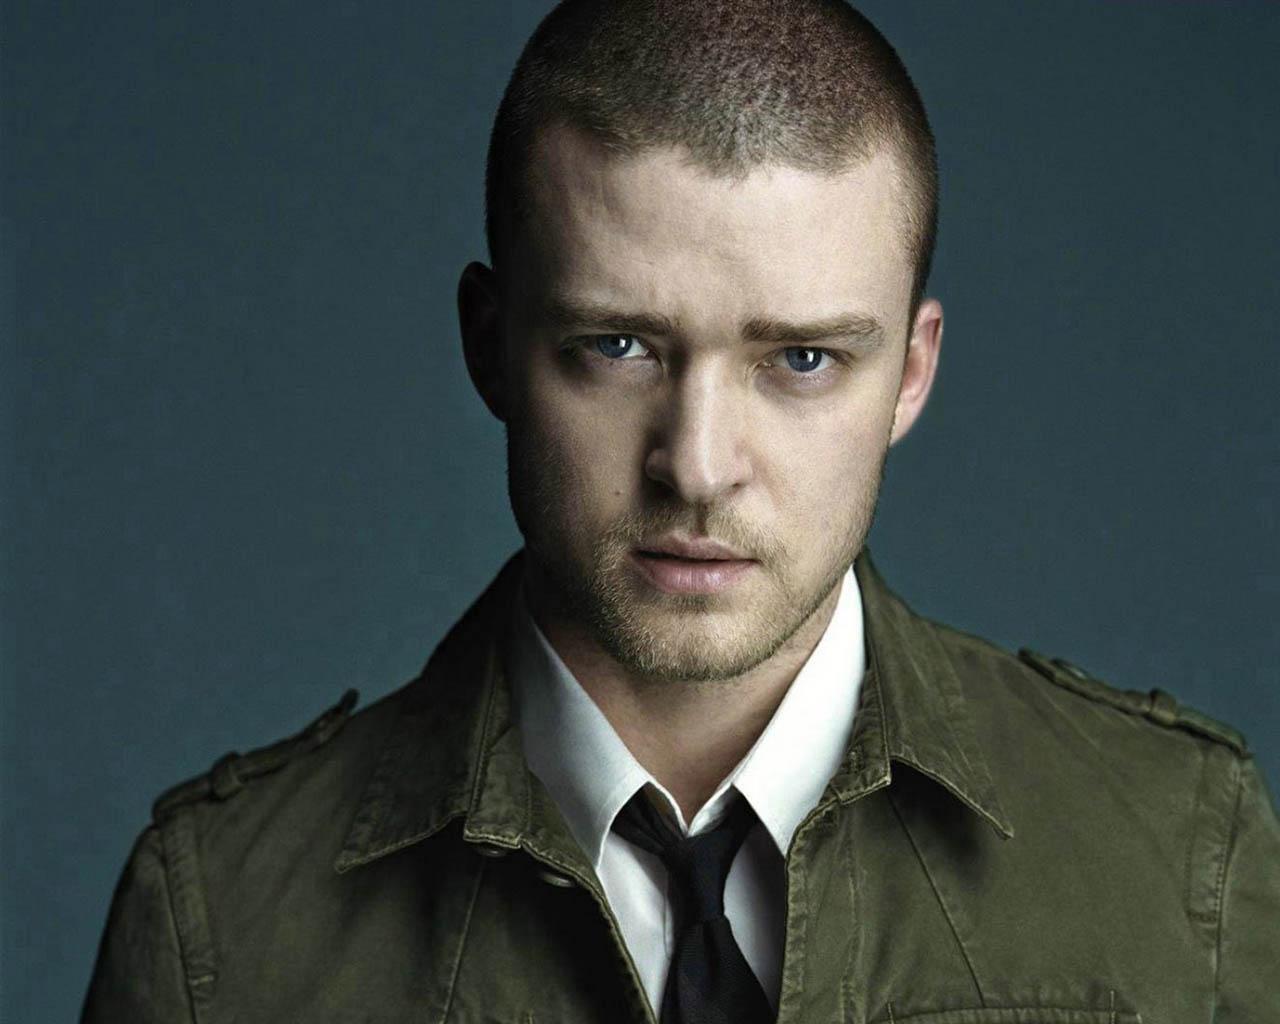 http://1.bp.blogspot.com/-YKEoFuJlap0/TYCLMy374pI/AAAAAAAAKrw/D0u-WGkChaE/s1600/Justin-Timberlake_lyrics.jpg